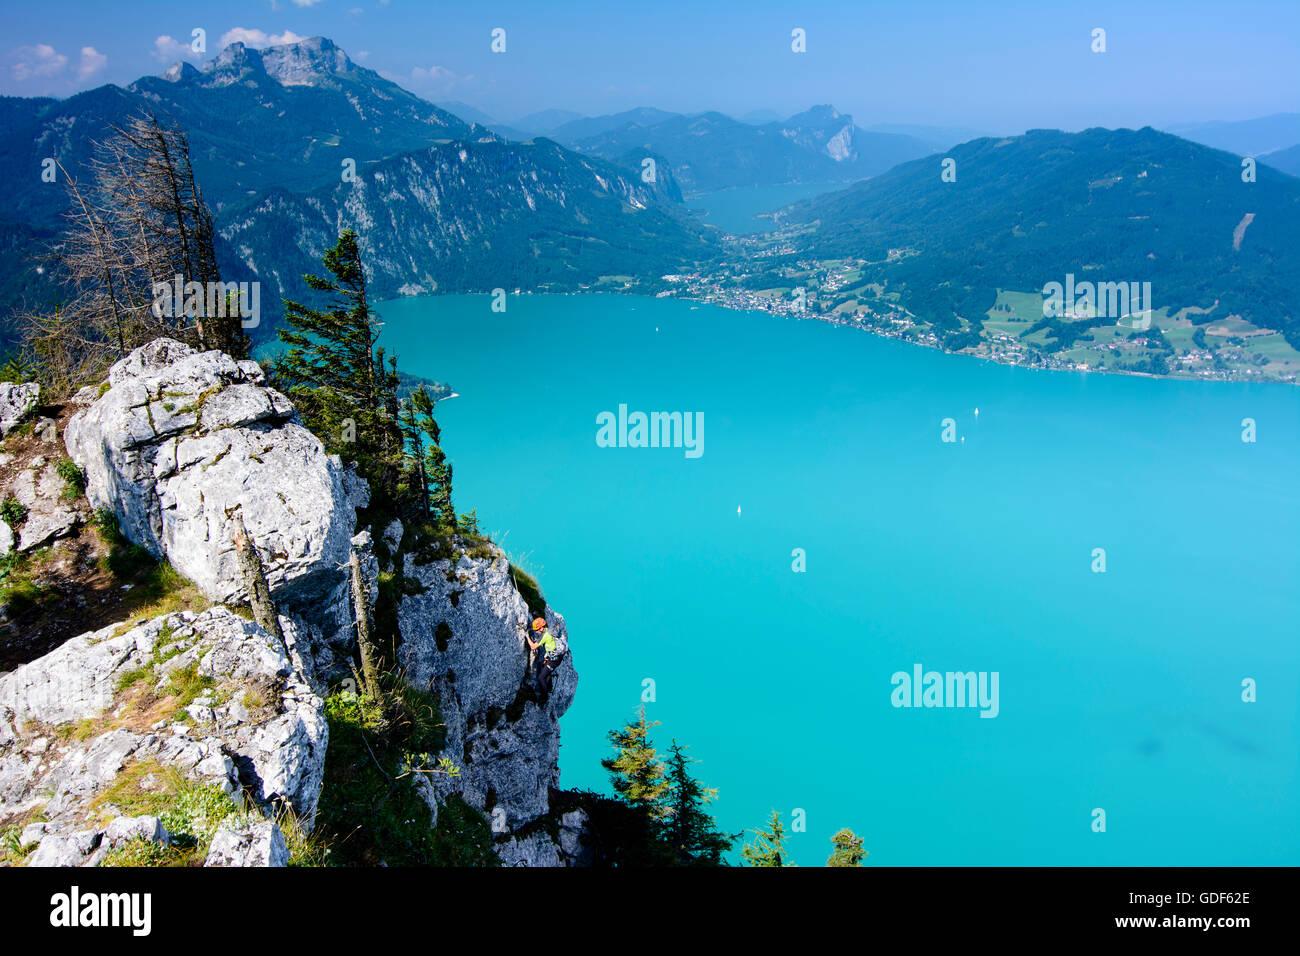 Klettersteig Mondsee : Steinbach am attersee bergsteiger auf mahdlgupf klettersteig